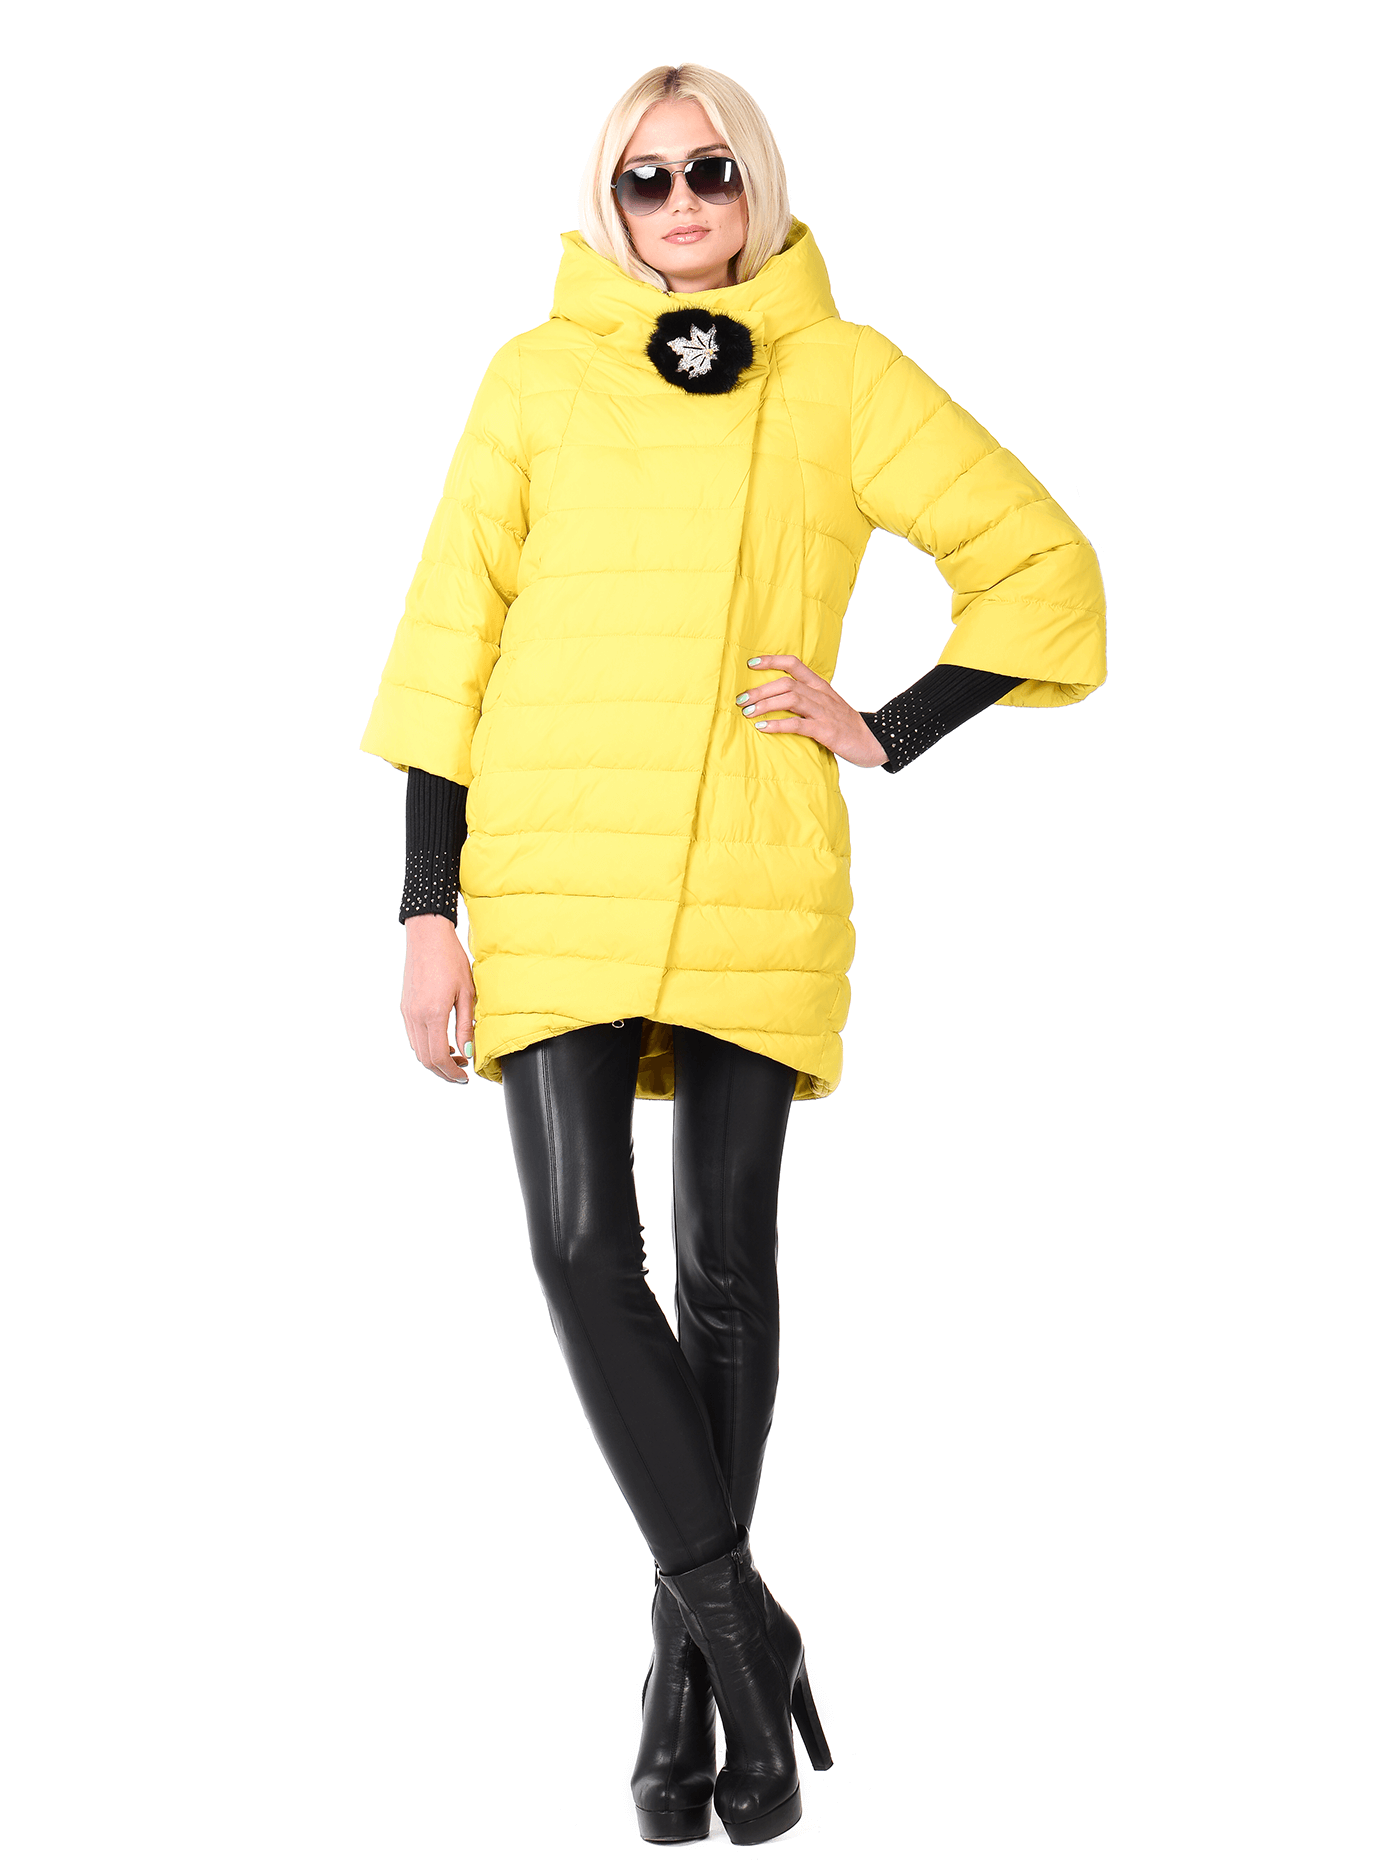 Куртка женская зимняя оригинальная Жёлтый S (05-AB9072): фото - Alster.ua